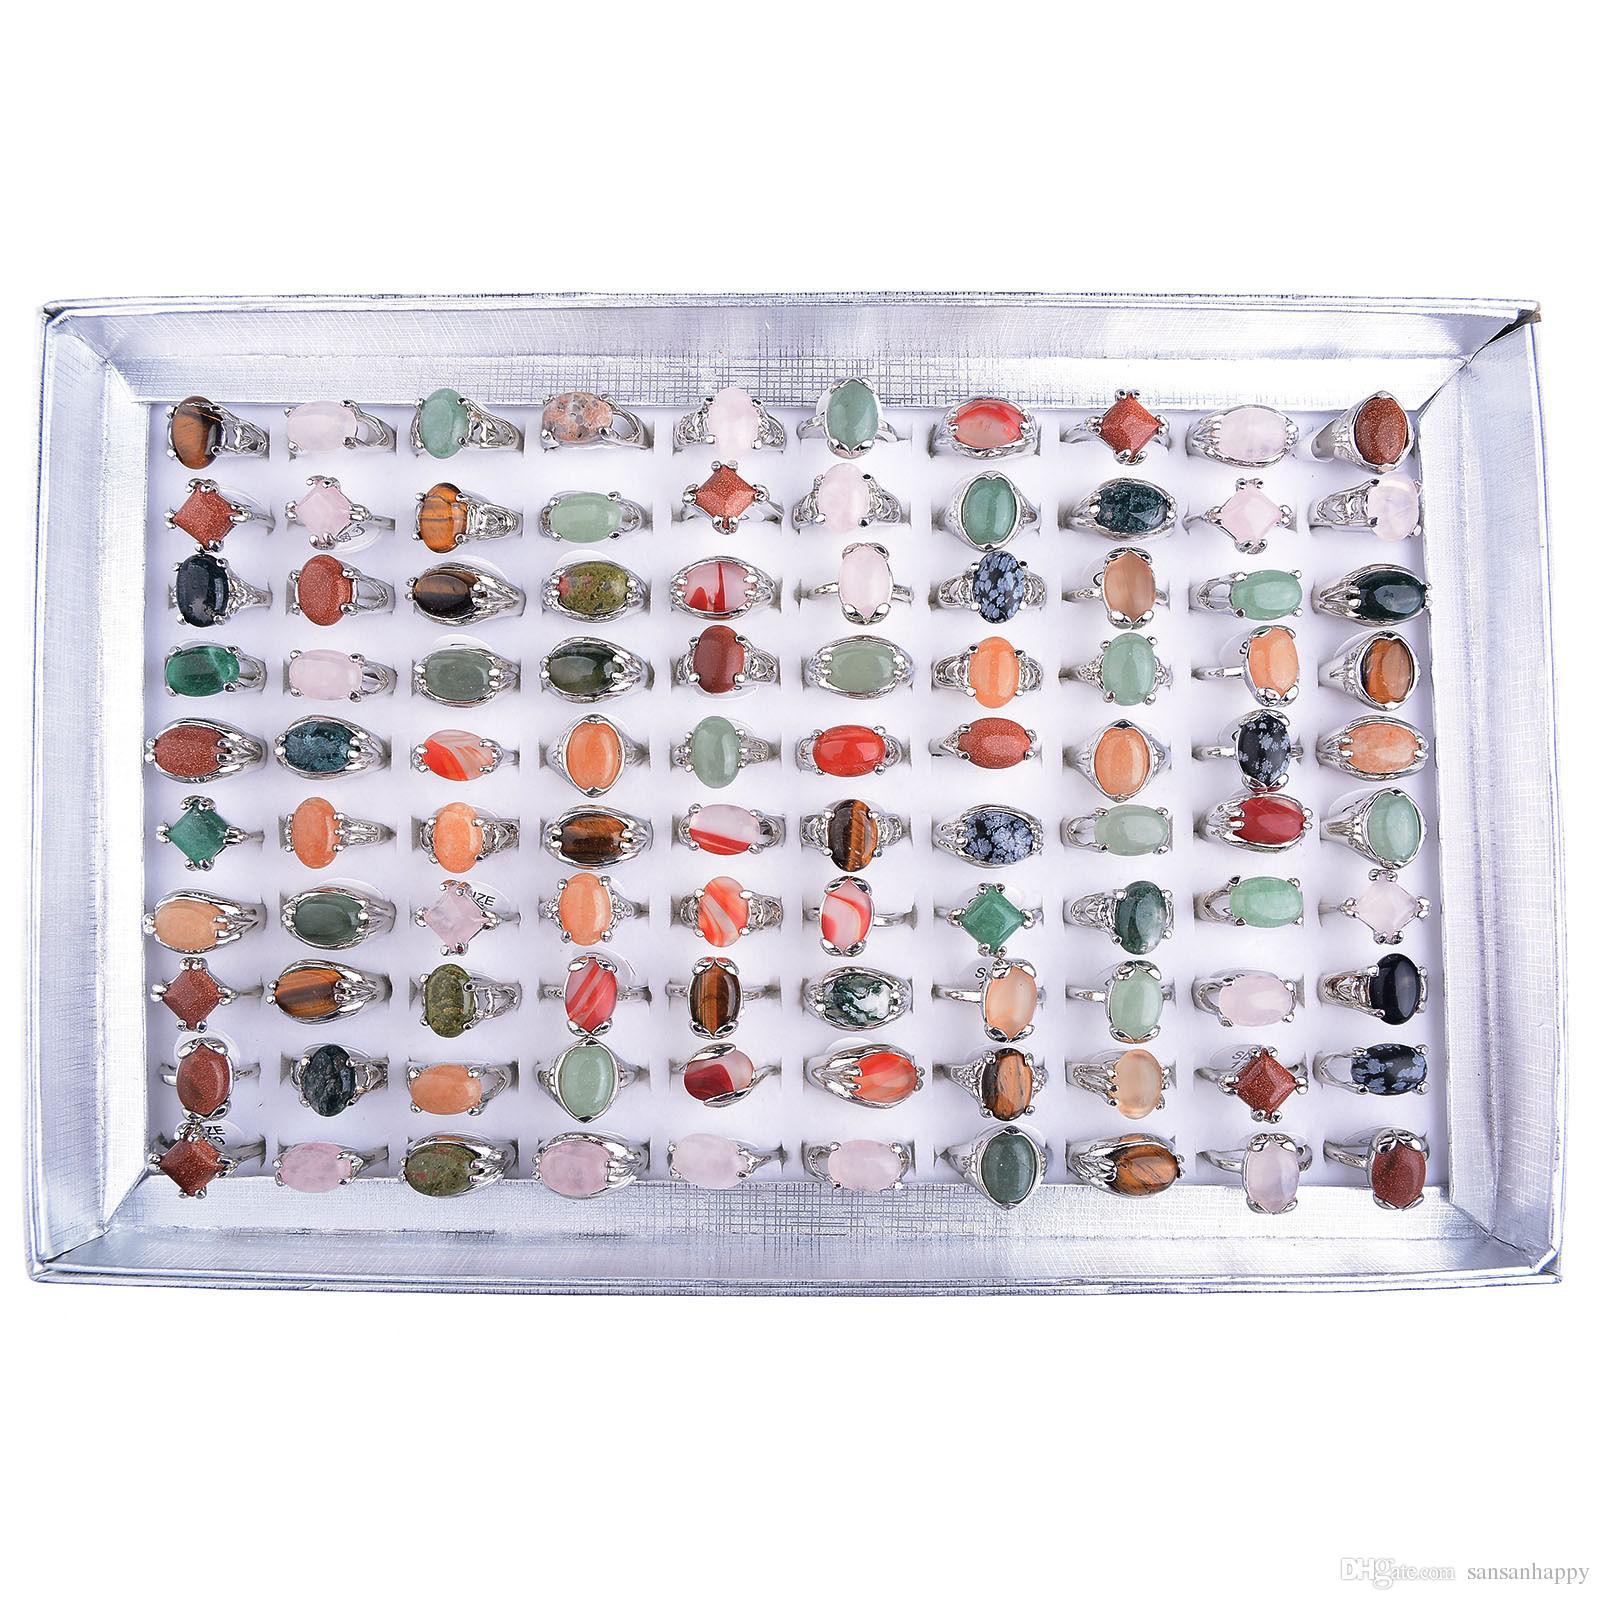 Hurtownie 100 sztuk Różne Naturalne Unisex Stone Top Rings Rozmiar 16-20 w tym wyświetlacza